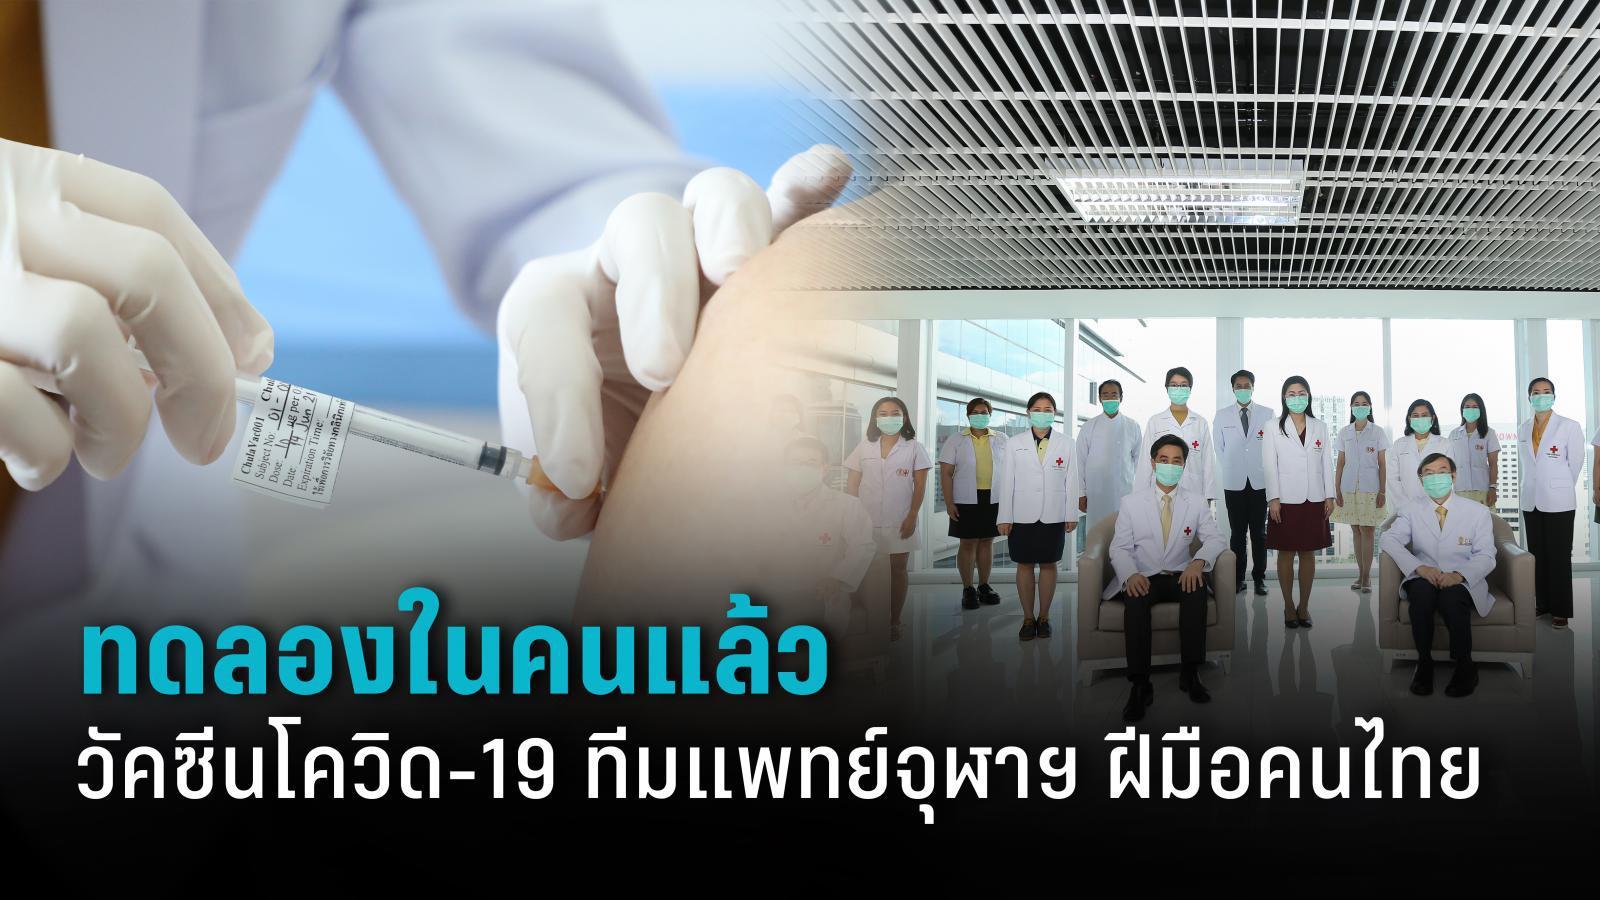 """""""เริ่มฉีดทดลองในคน"""" วัคซีนโควิดรุ่นแรกของไทย (ChulaCov19) โดยทีมแพทย์จุฬาฯ"""